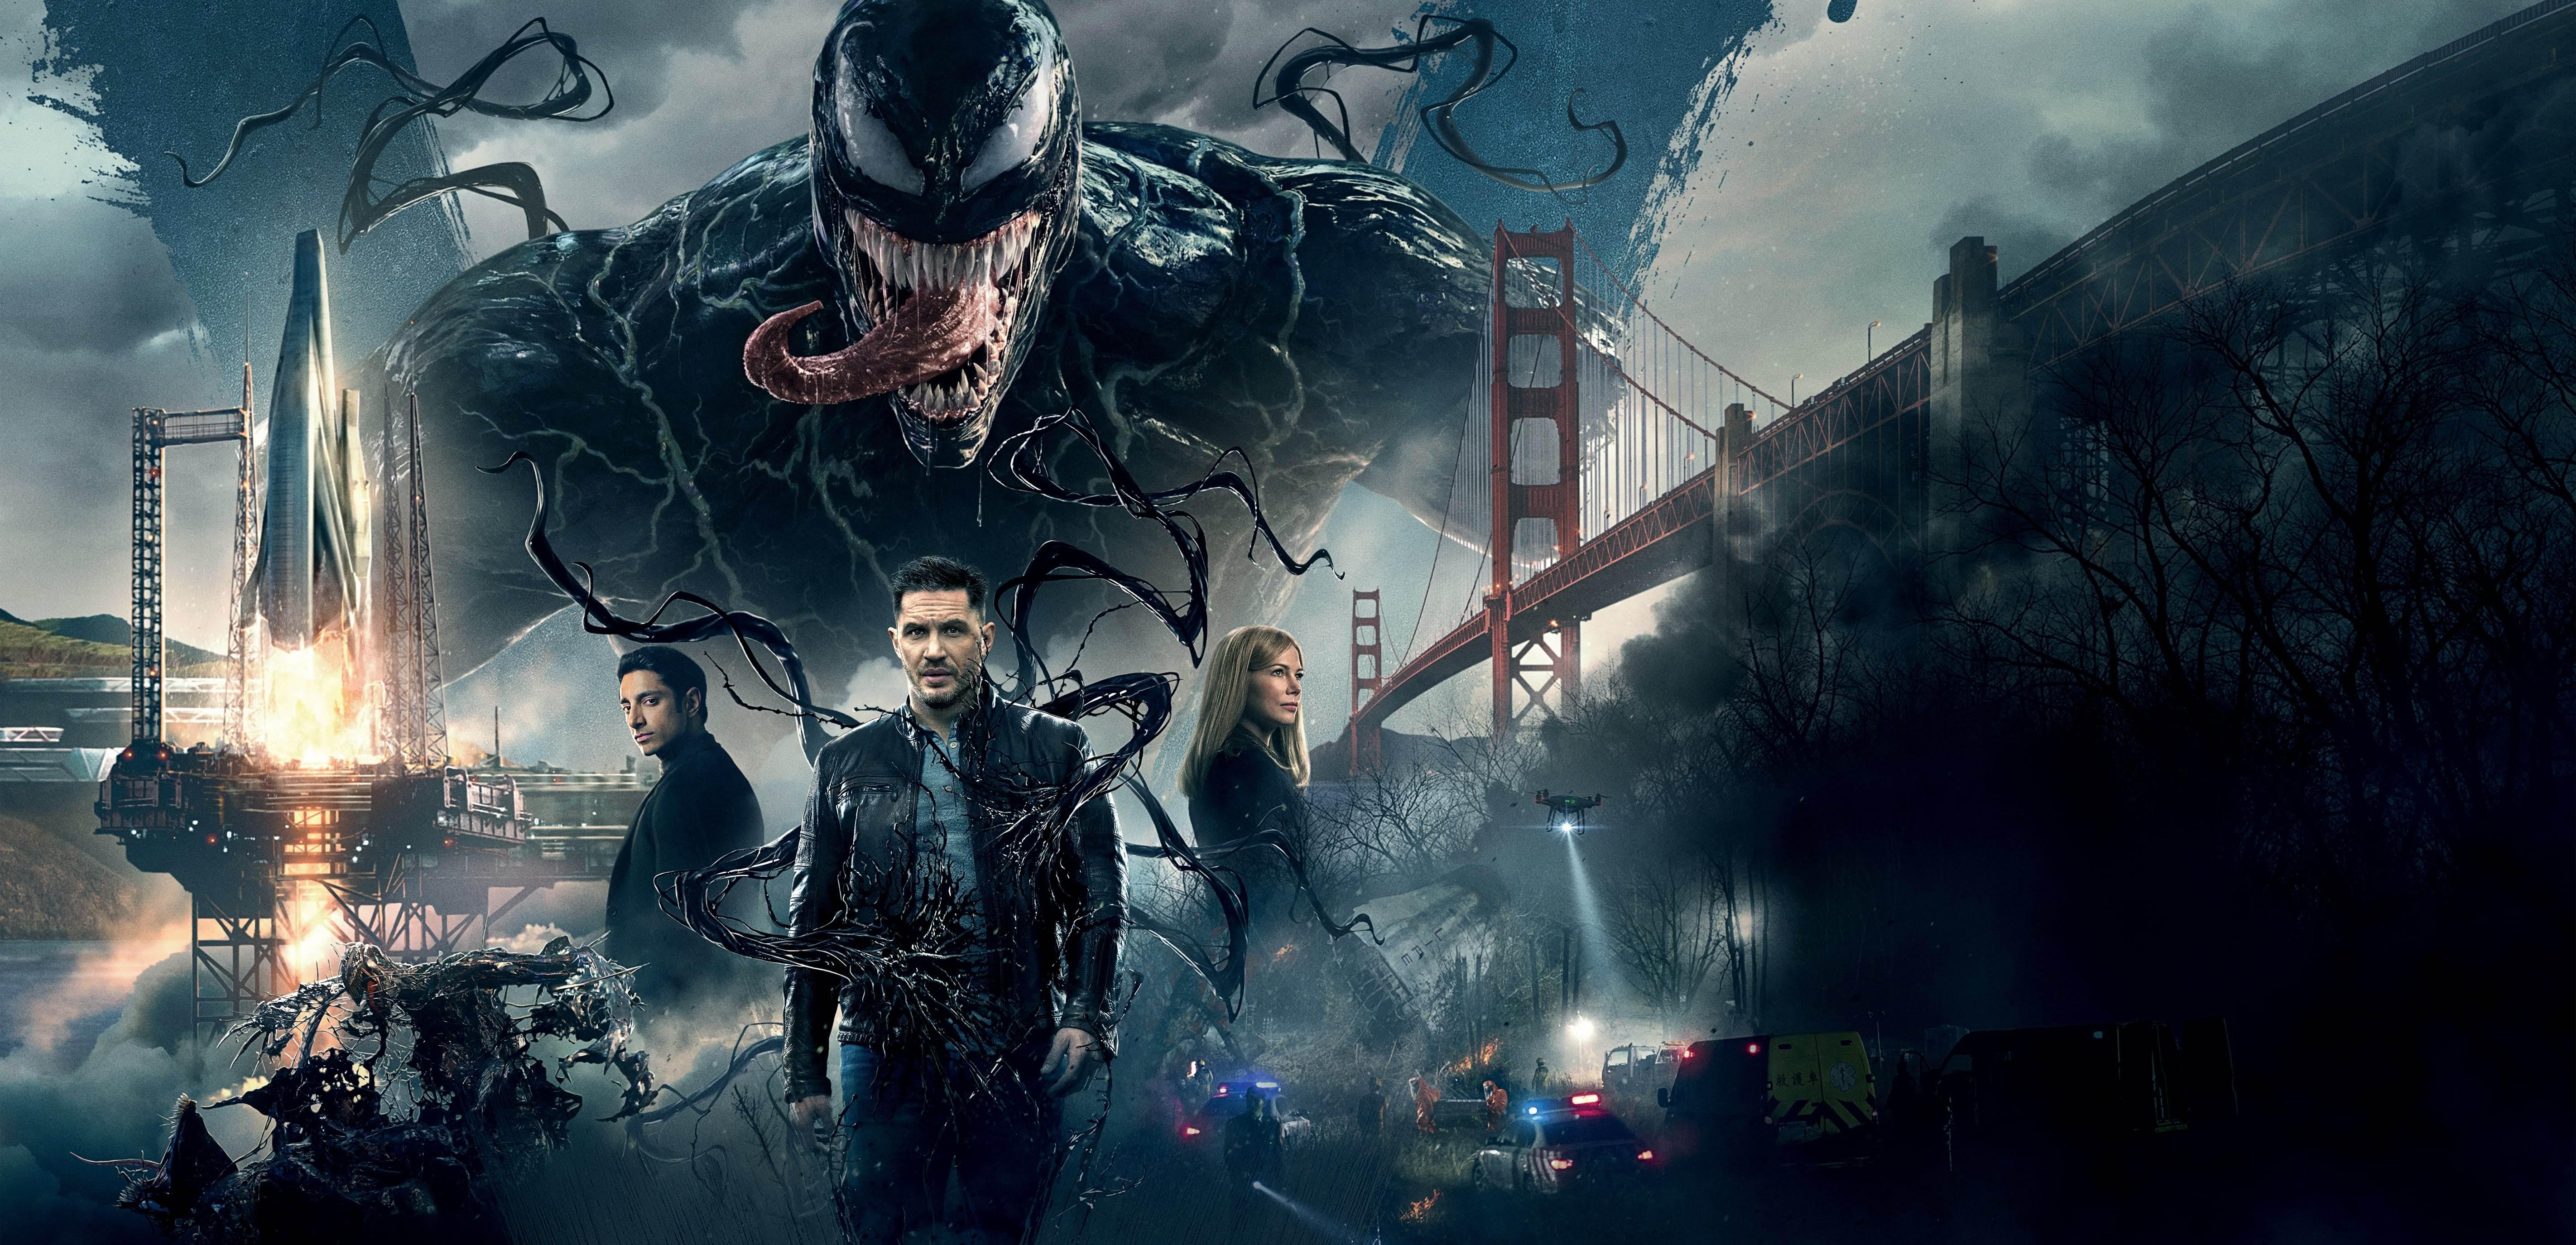 Sony Stes 2020 Release Dates For Untitled Marvel Movies : トム・ハーディ主演の大ヒット作の続編「ヴェノム2」と、ジャレッド・レトが主演の「モービウス」に違いない映画の封切り日を、ソニピが発表 ! !